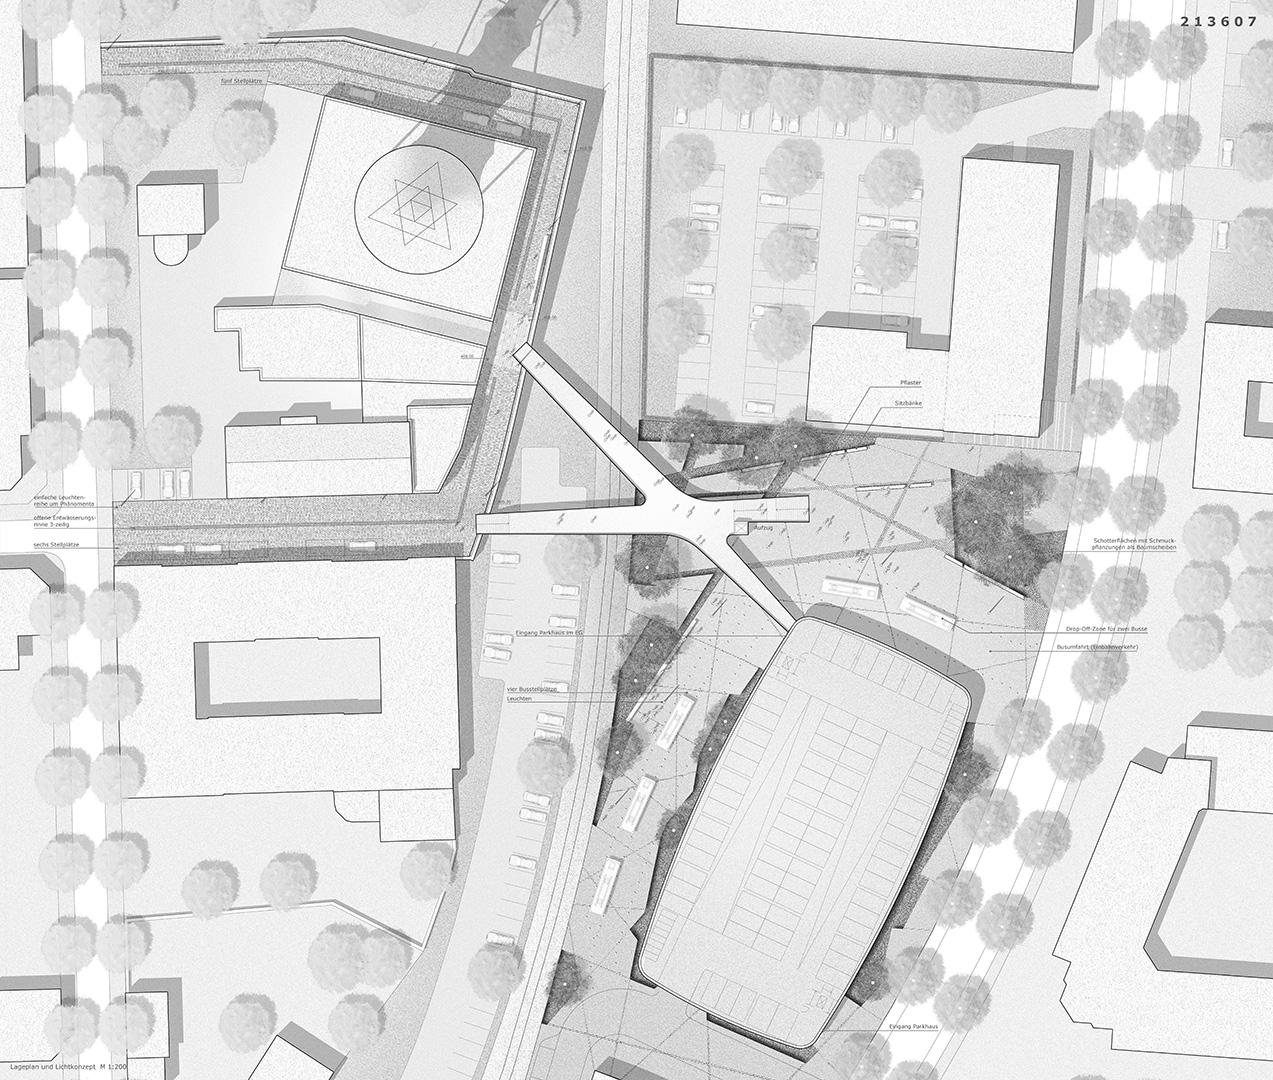 Brückenplatz, Lüdenscheid | Sauerzapfe Architekten